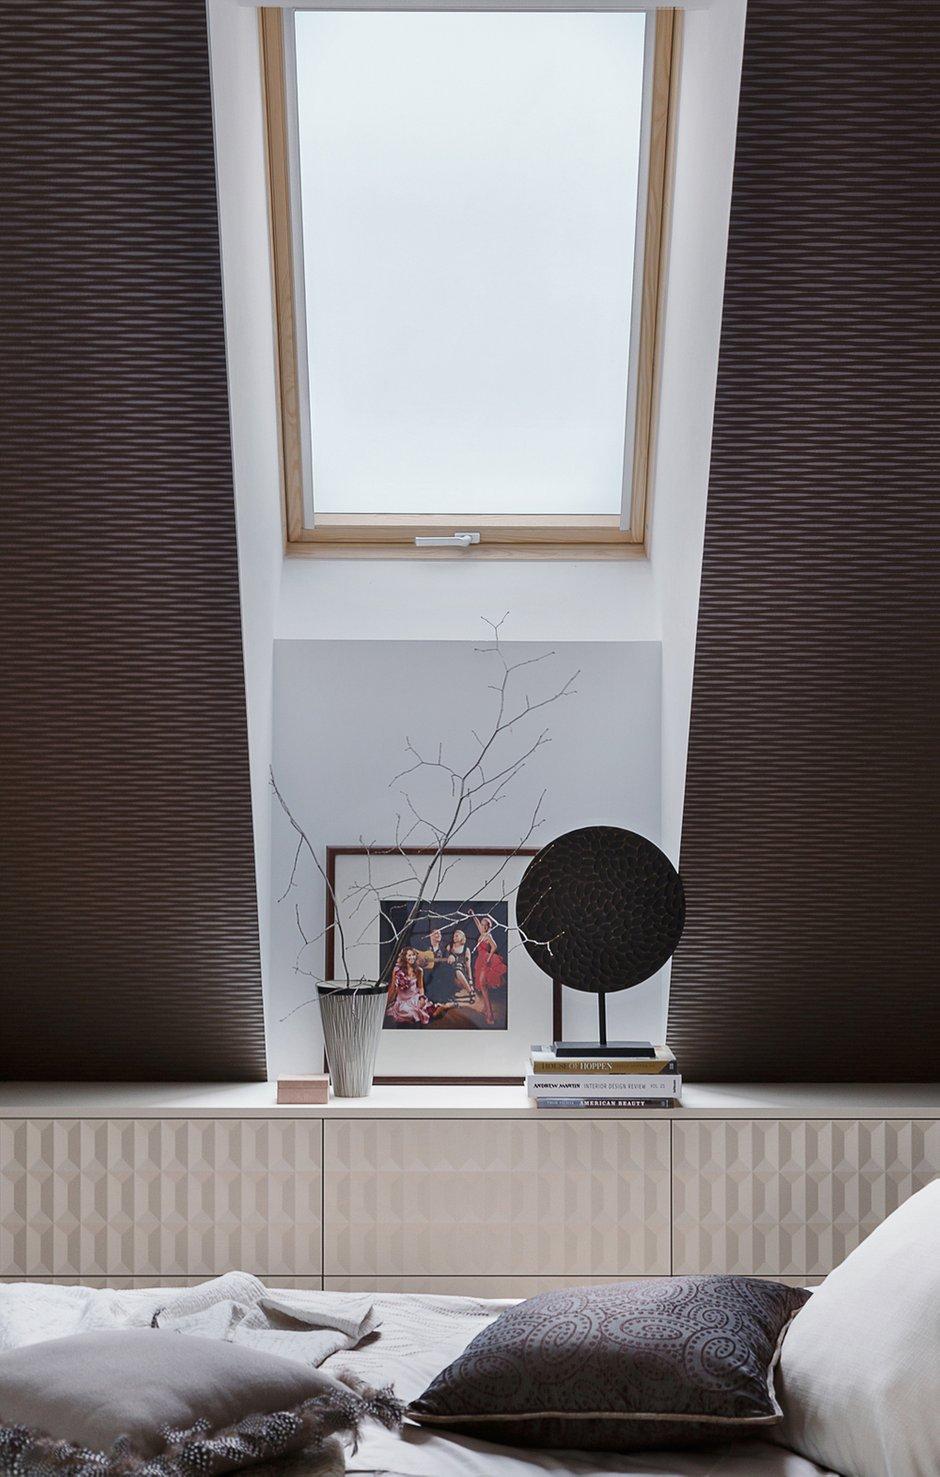 Фотография: Спальня в стиле Современный, Эклектика, Квартира, Проект недели, Пермь, Монолитный дом, 3 комнаты, Более 90 метров, Nolte, Nolte Küchen, Nolte Kuchen, Надя Гордеева – фото на INMYROOM